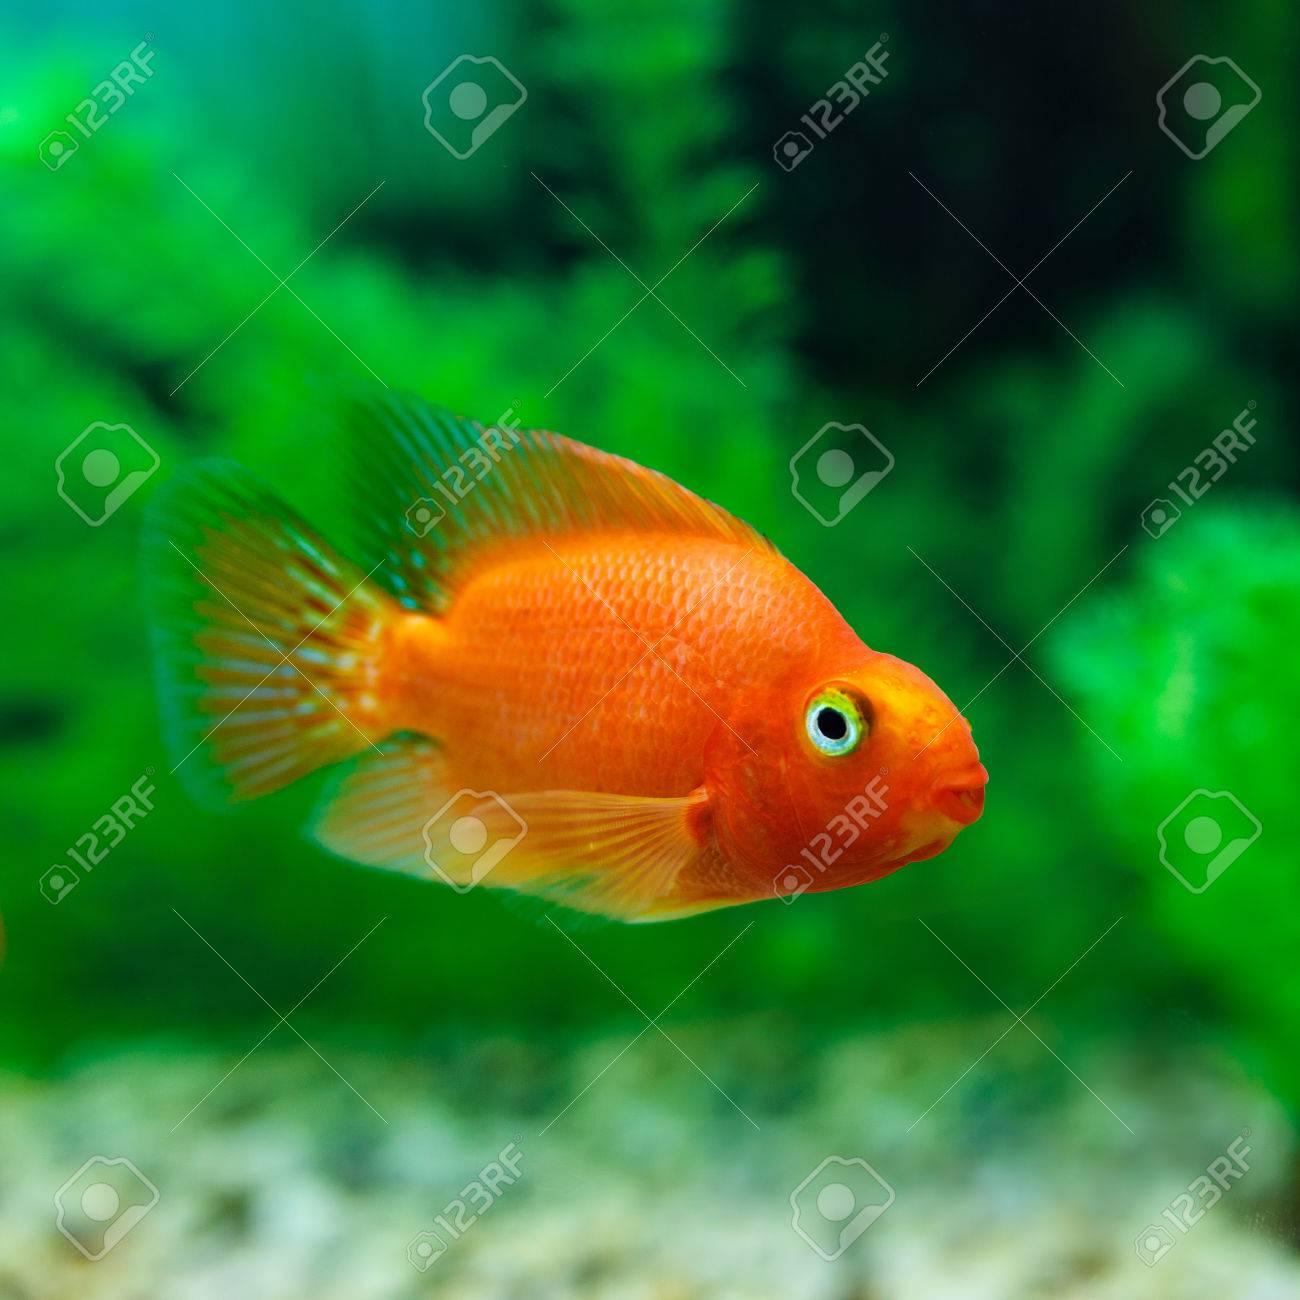 Red Blood Parrot Cichlid Im Aquarium Pflanze Grunen Hintergrund Goldfisch Lustig Orange Bunte Fische Hobby Konzept Lizenzfreie Fotos Bilder Und Stock Fotografie Image 58450857